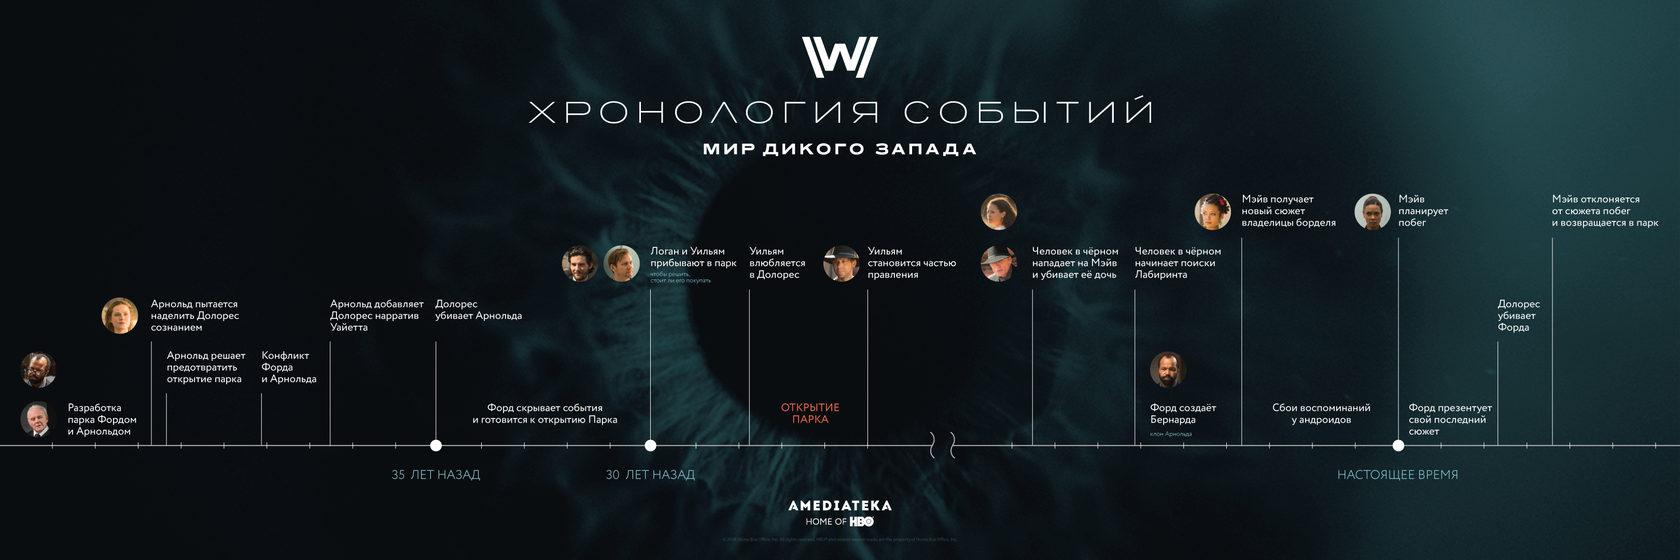 Инфографика: все события Мира дикого запада